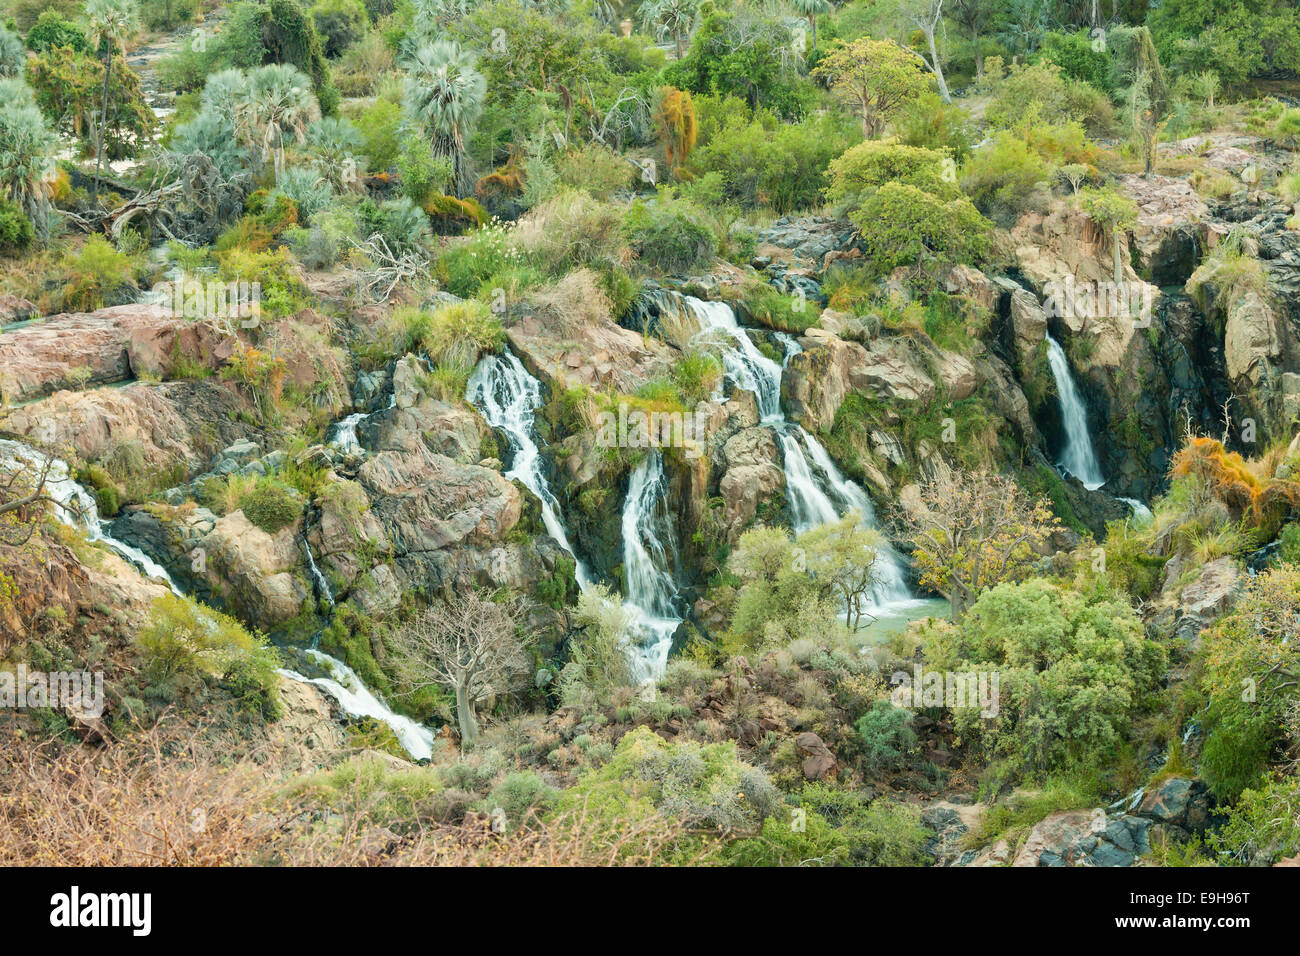 Epupa Falls, rivière Kunene, à la frontière entre la Namibie et l'Angola, la Namibie, la région de Kunene Banque D'Images